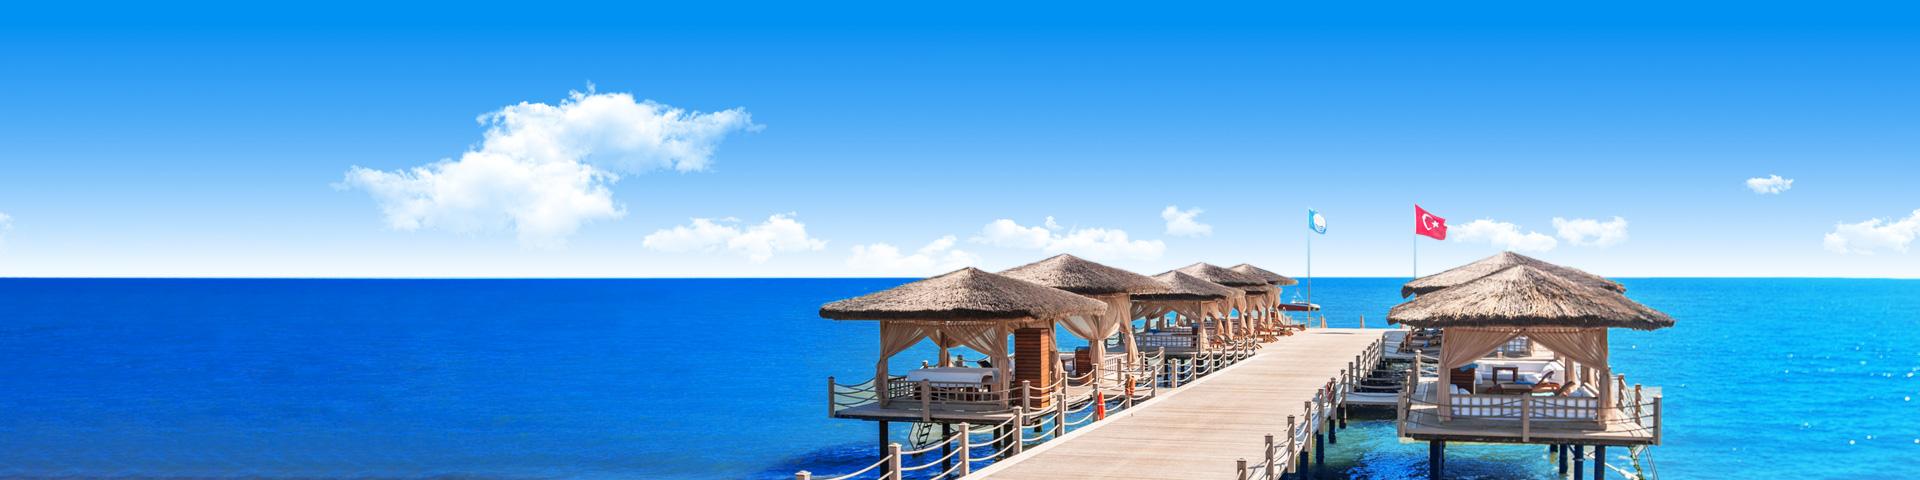 Uitzicht op een hotel met waterpark en de zee van Belek in Turkije